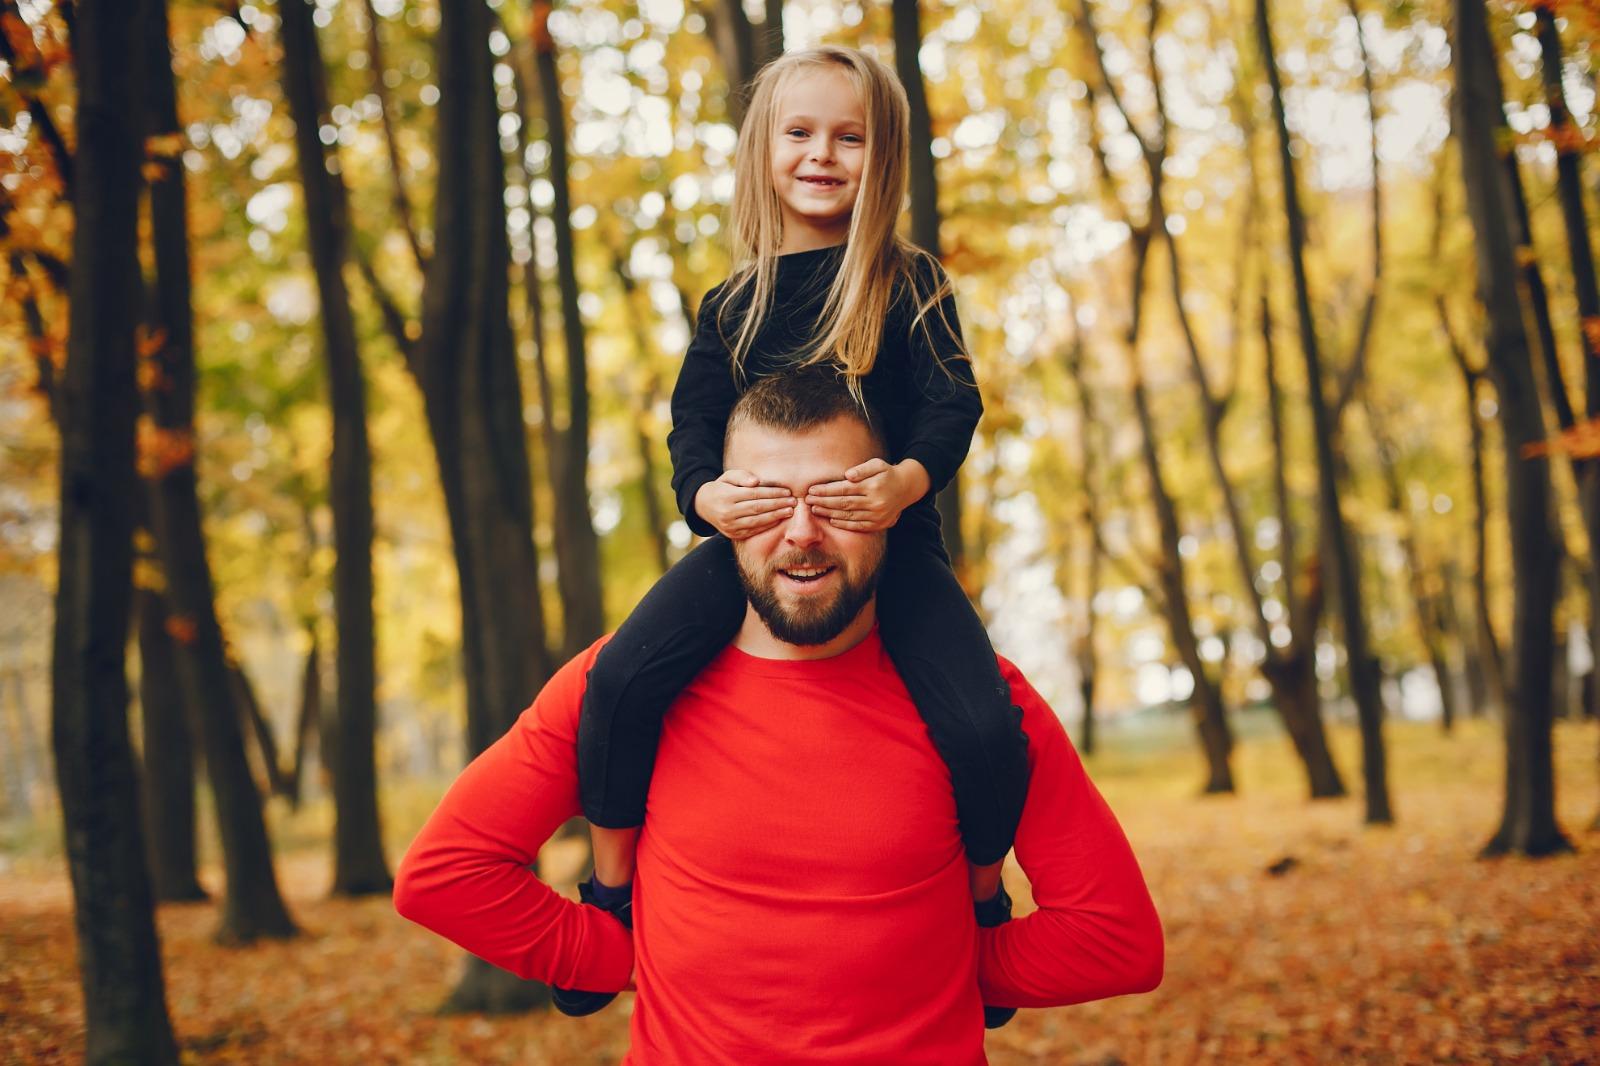 Cómo hacer que mi relación funcione si mi pareja tiene hijos y yo no